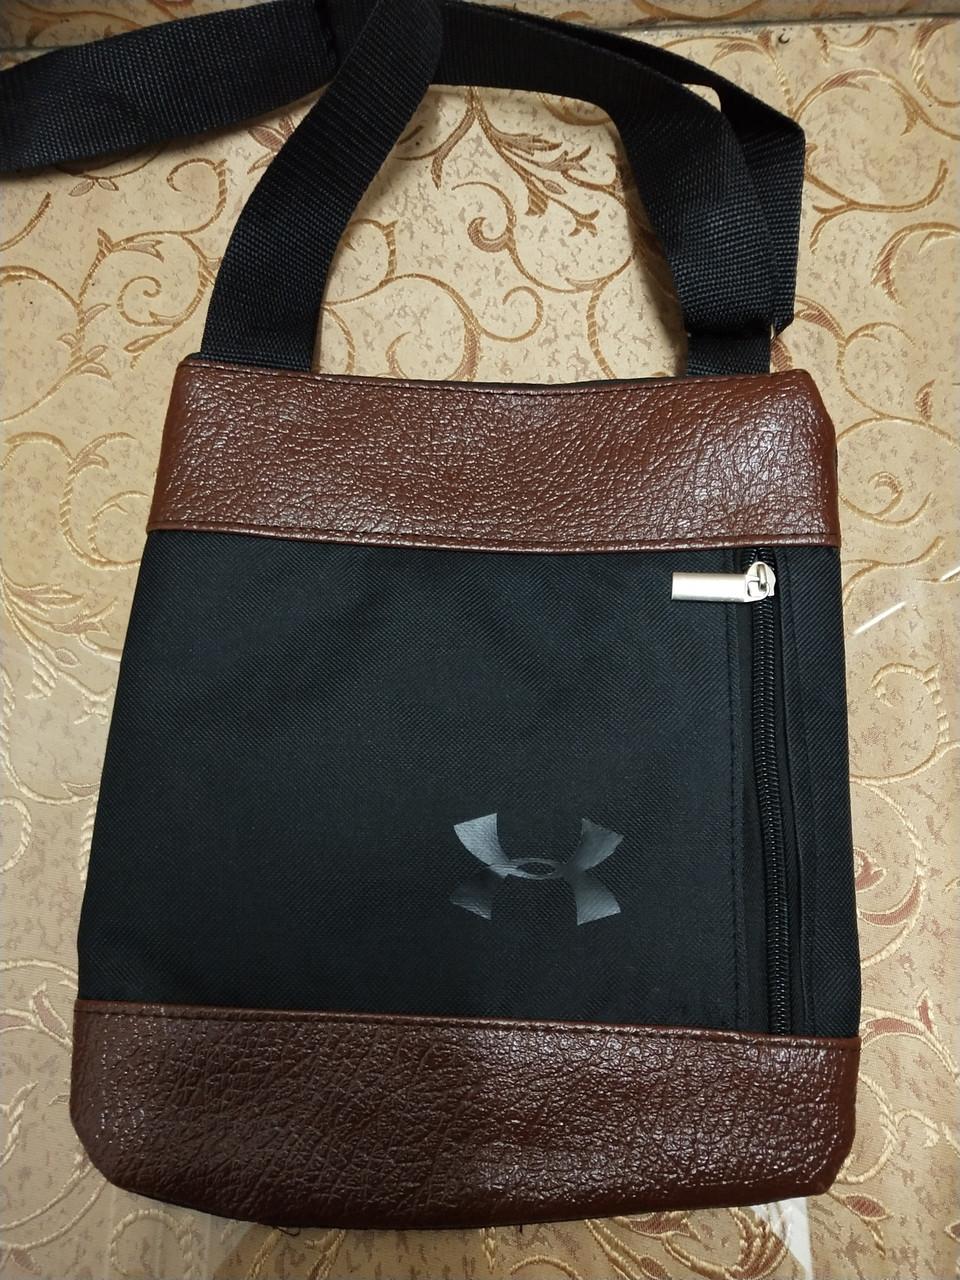 Барсетка сумка UNDER ARMOUR для через плечо спортивные (только ОПТ)